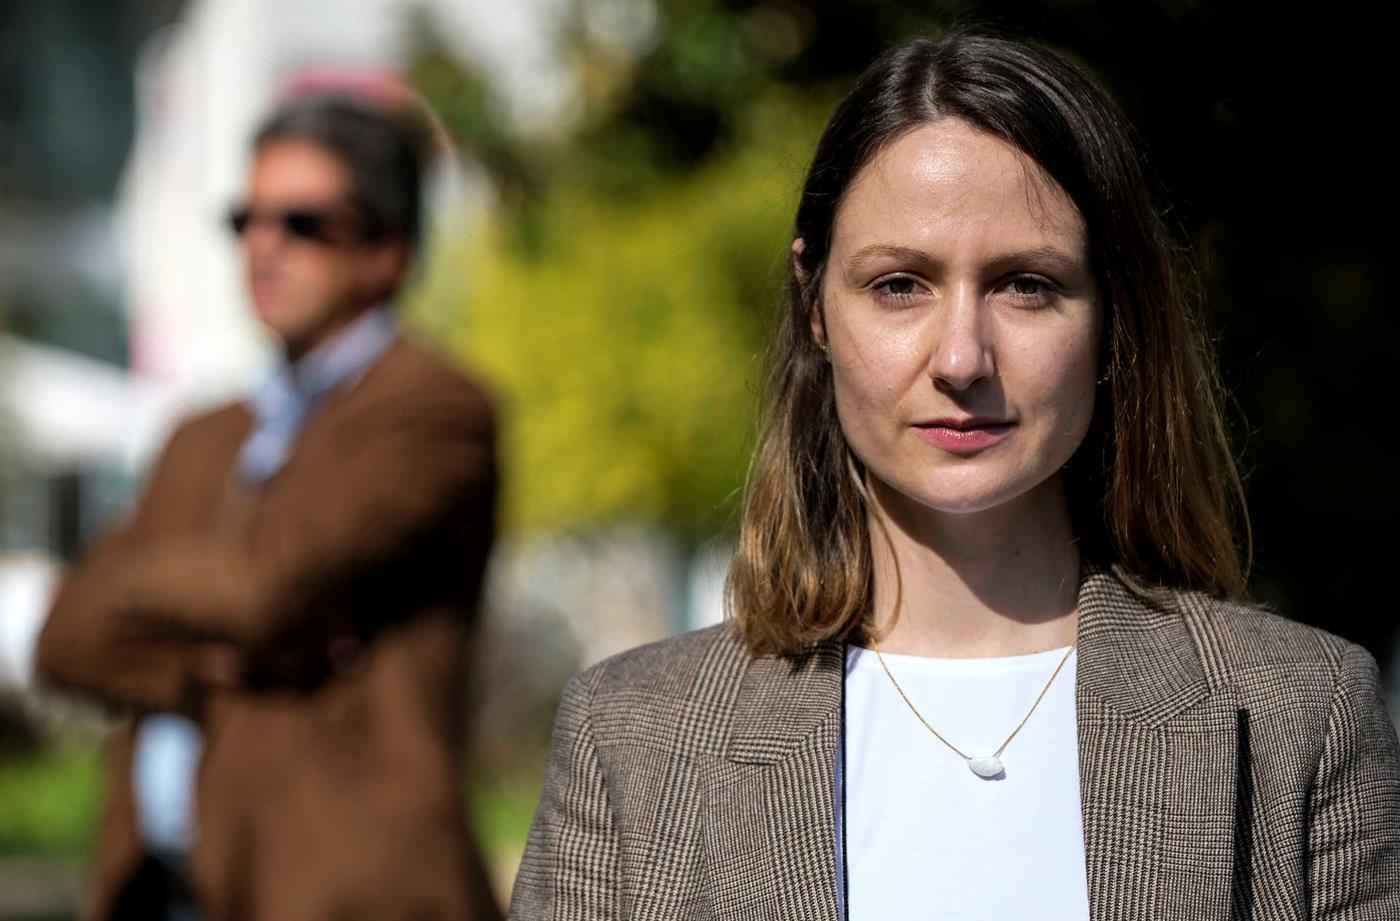 Cátia Moreira de Carvalho, investigadora e doutoranda da Universidade do Porto ma área da Radicalização